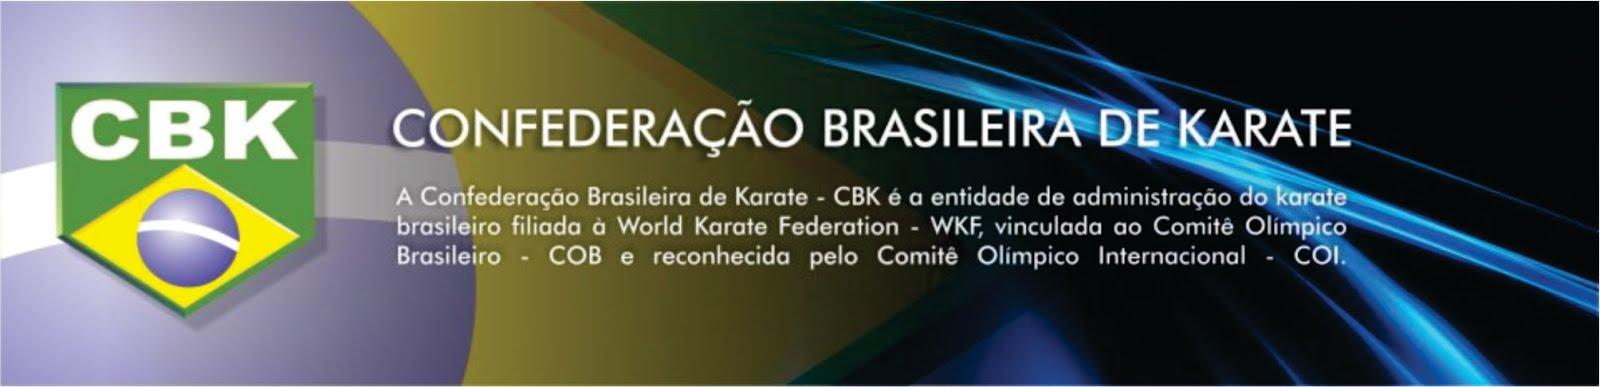 CONFEDERAÇÃO BRASILEIRA DE KARATE-CBK